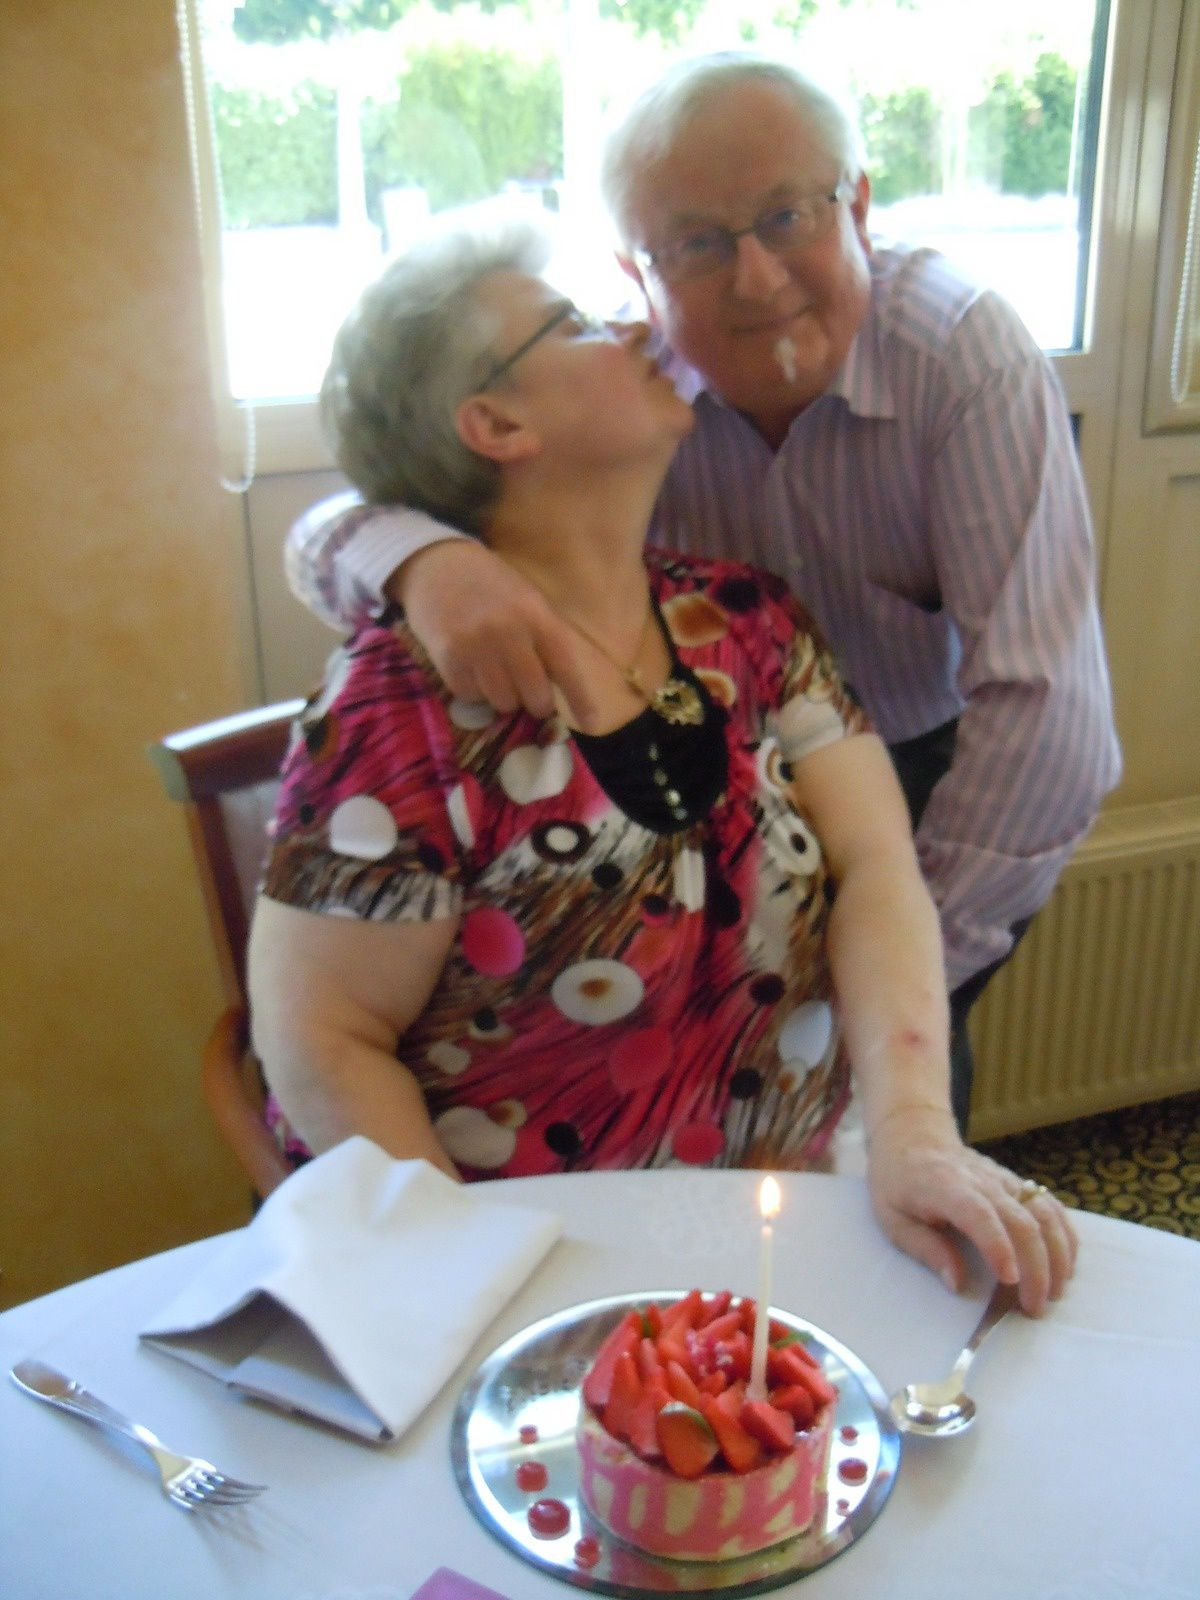 Quelques photos souvenir de cette journée mémorable, où nous avons célébrer mes 60 ans, et que j'ai la chance d'avoir ma maman avec nous qui va bientôt fêter ses 80 ans.